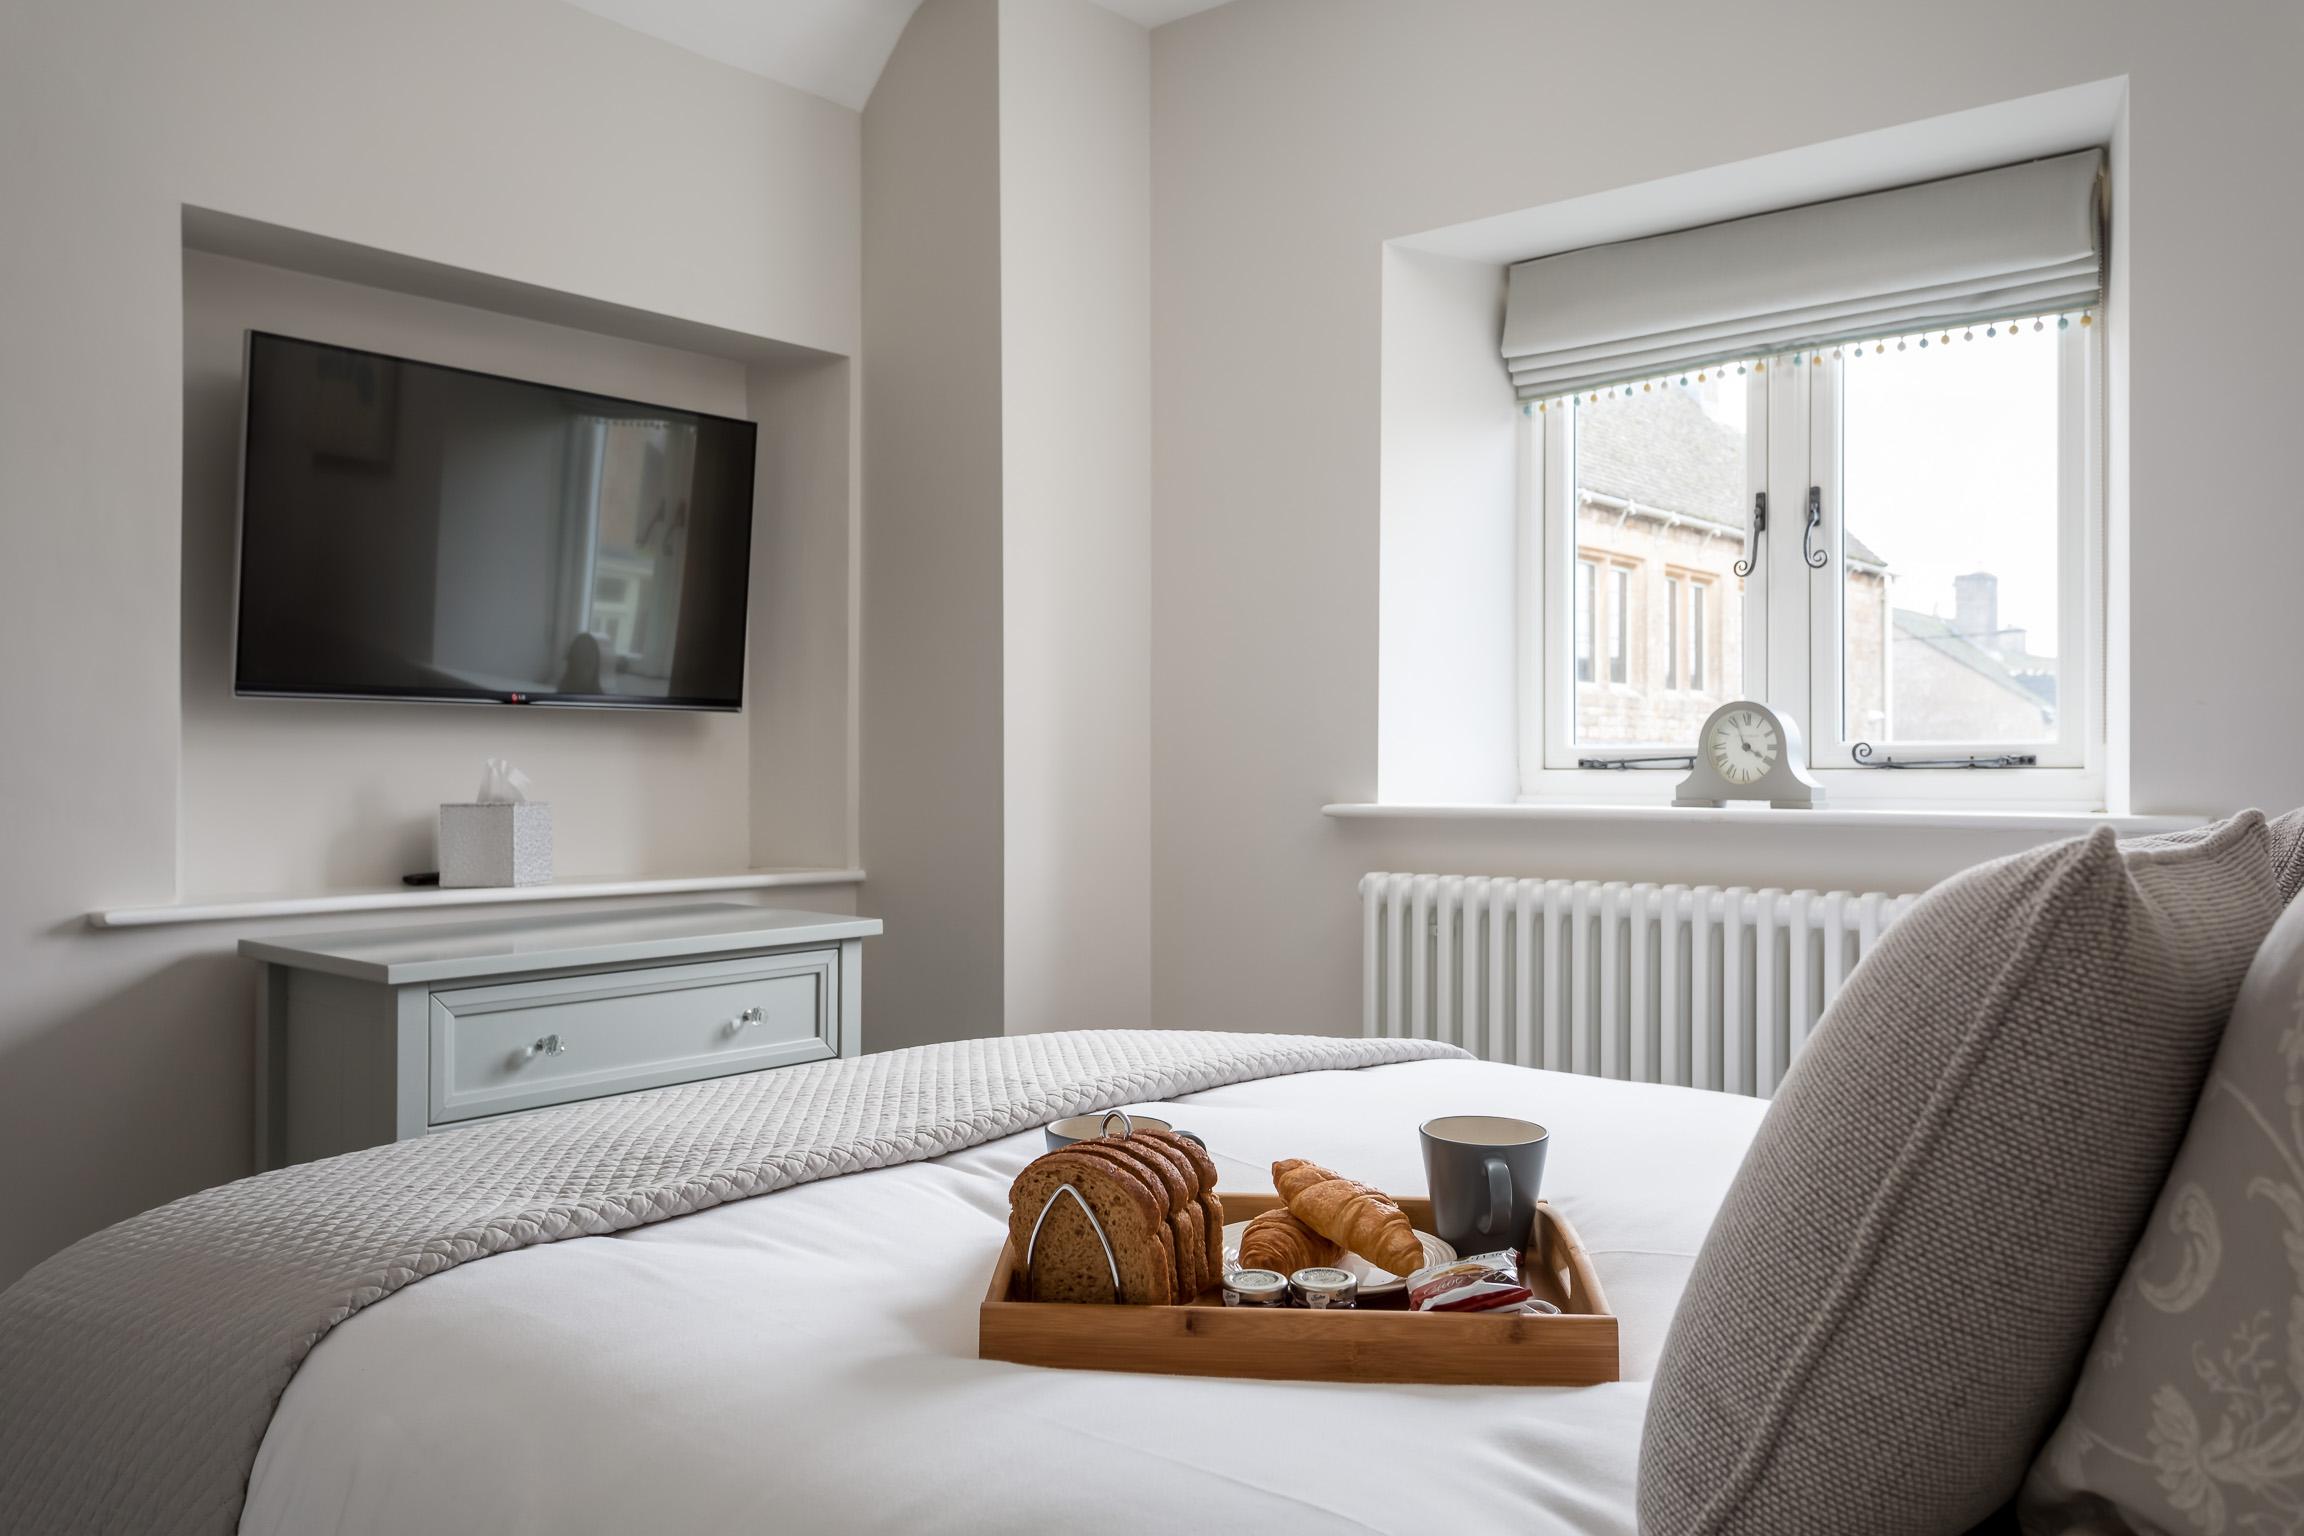 Bedroom: Enjoy TV in bed